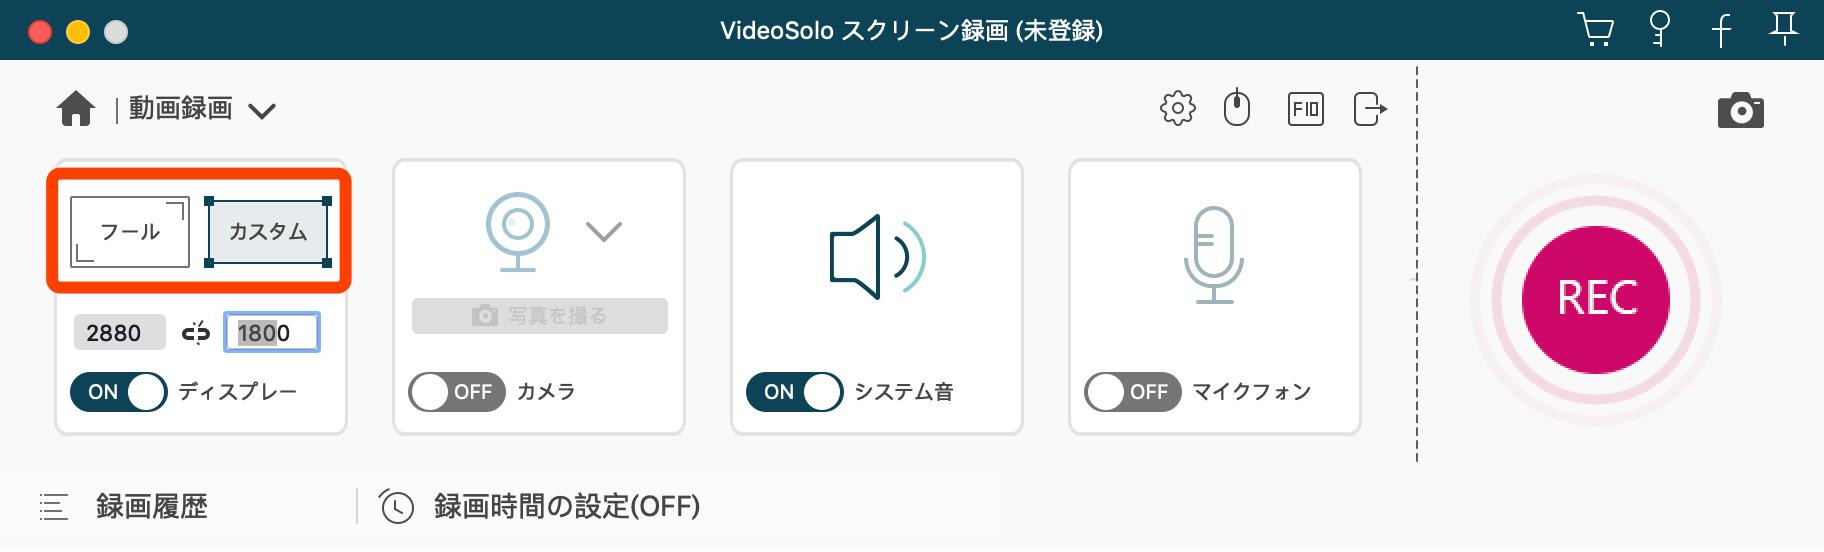 ウェブカメラの映像